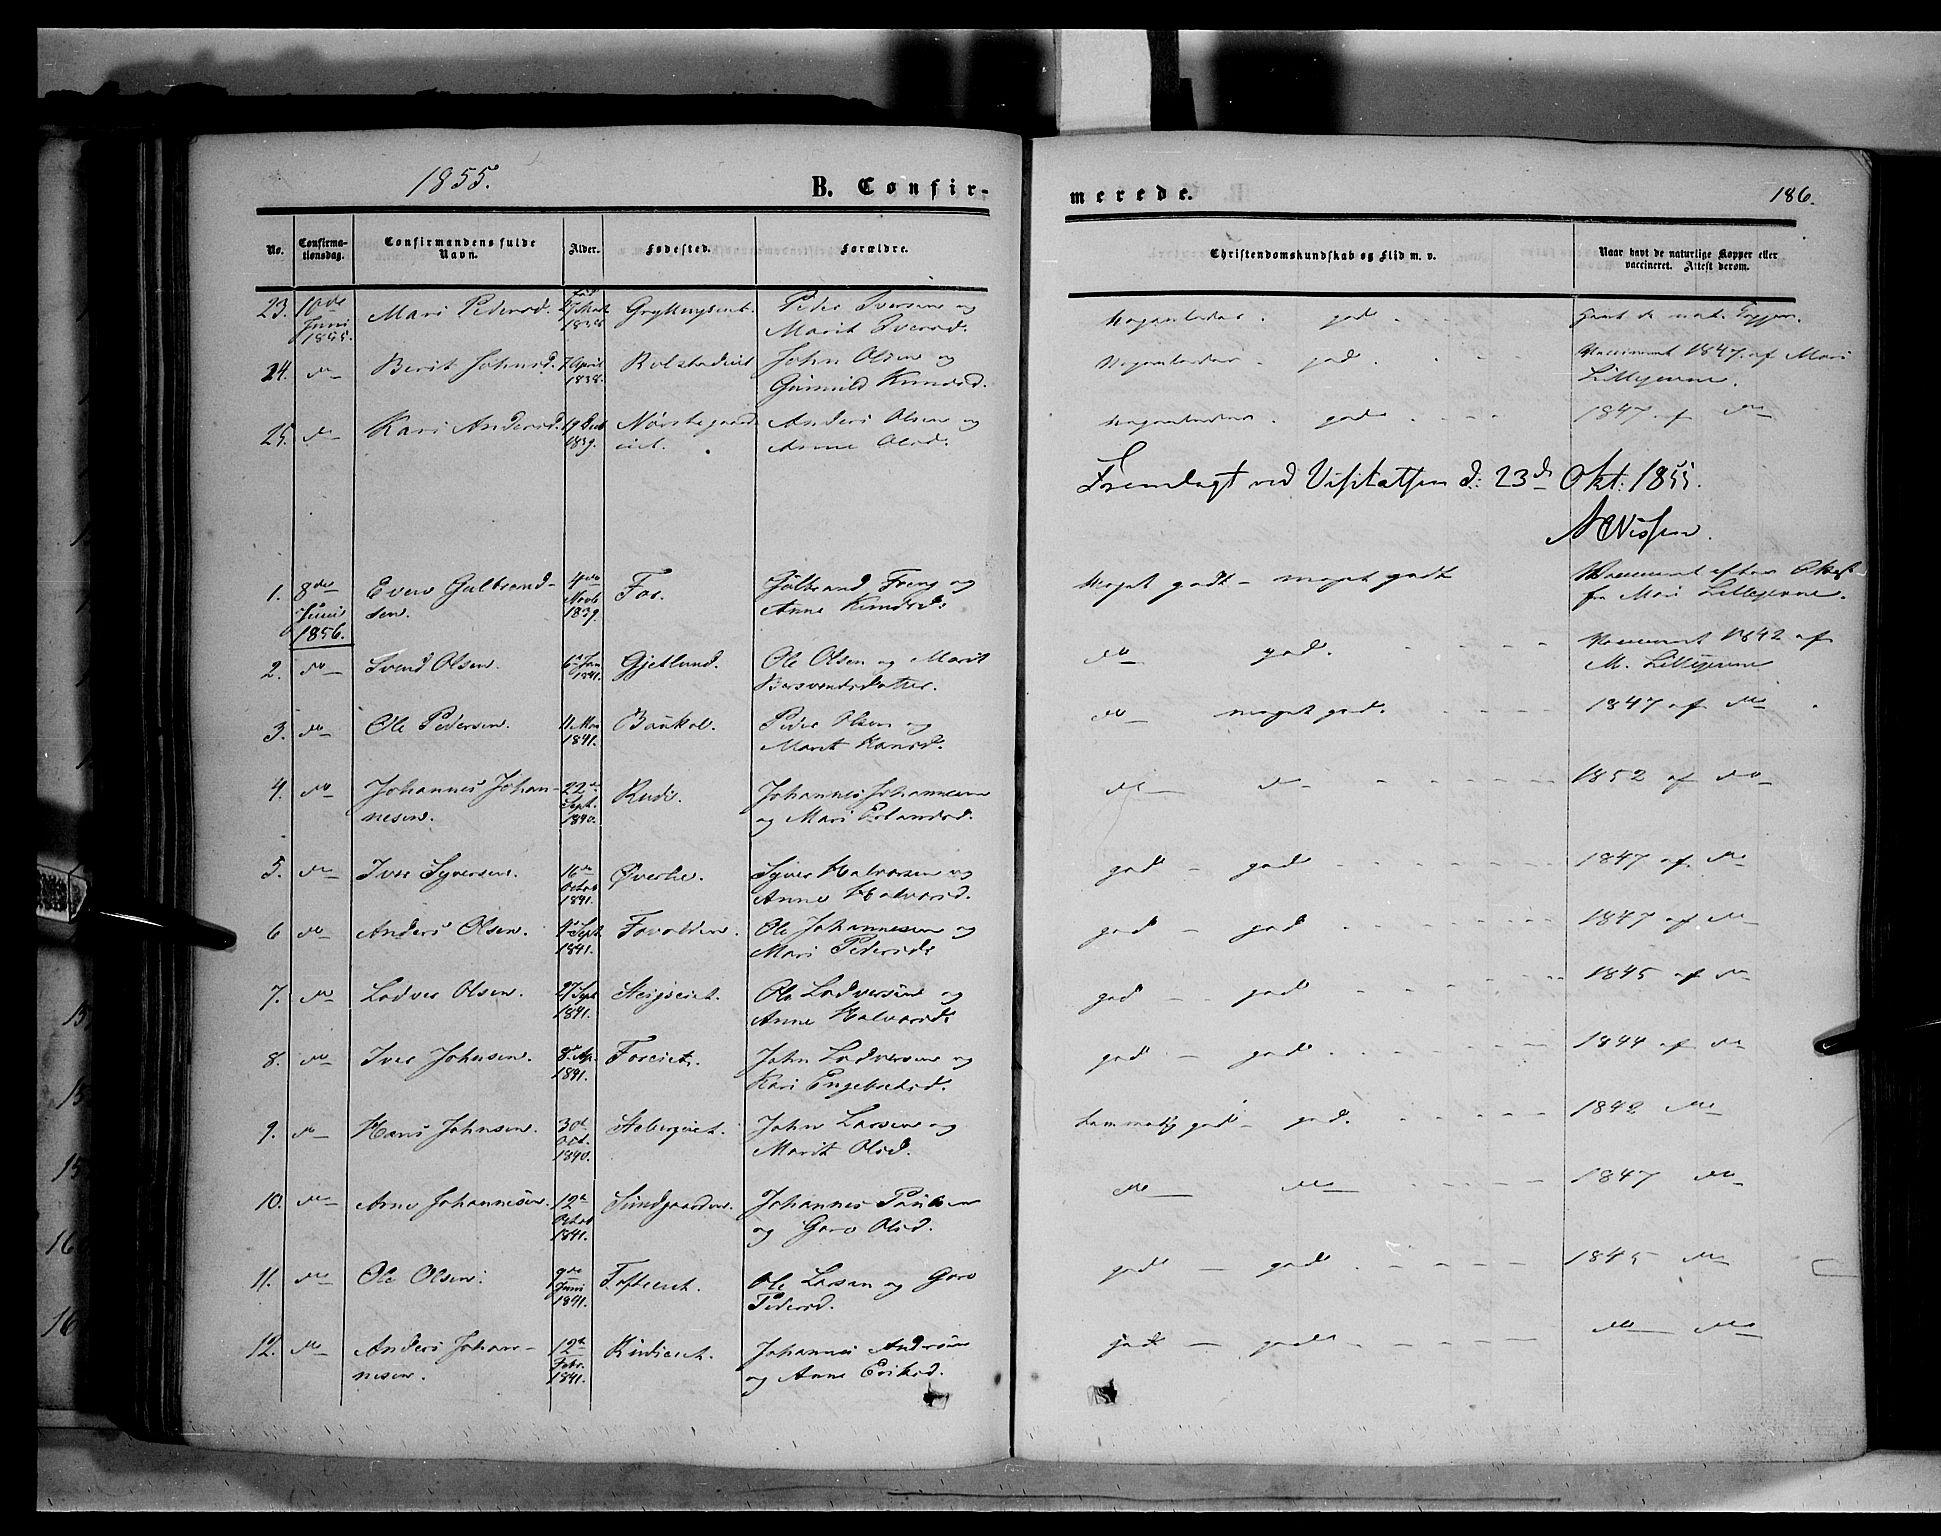 SAH, Sør-Fron prestekontor, H/Ha/Haa/L0001: Ministerialbok nr. 1, 1849-1863, s. 186